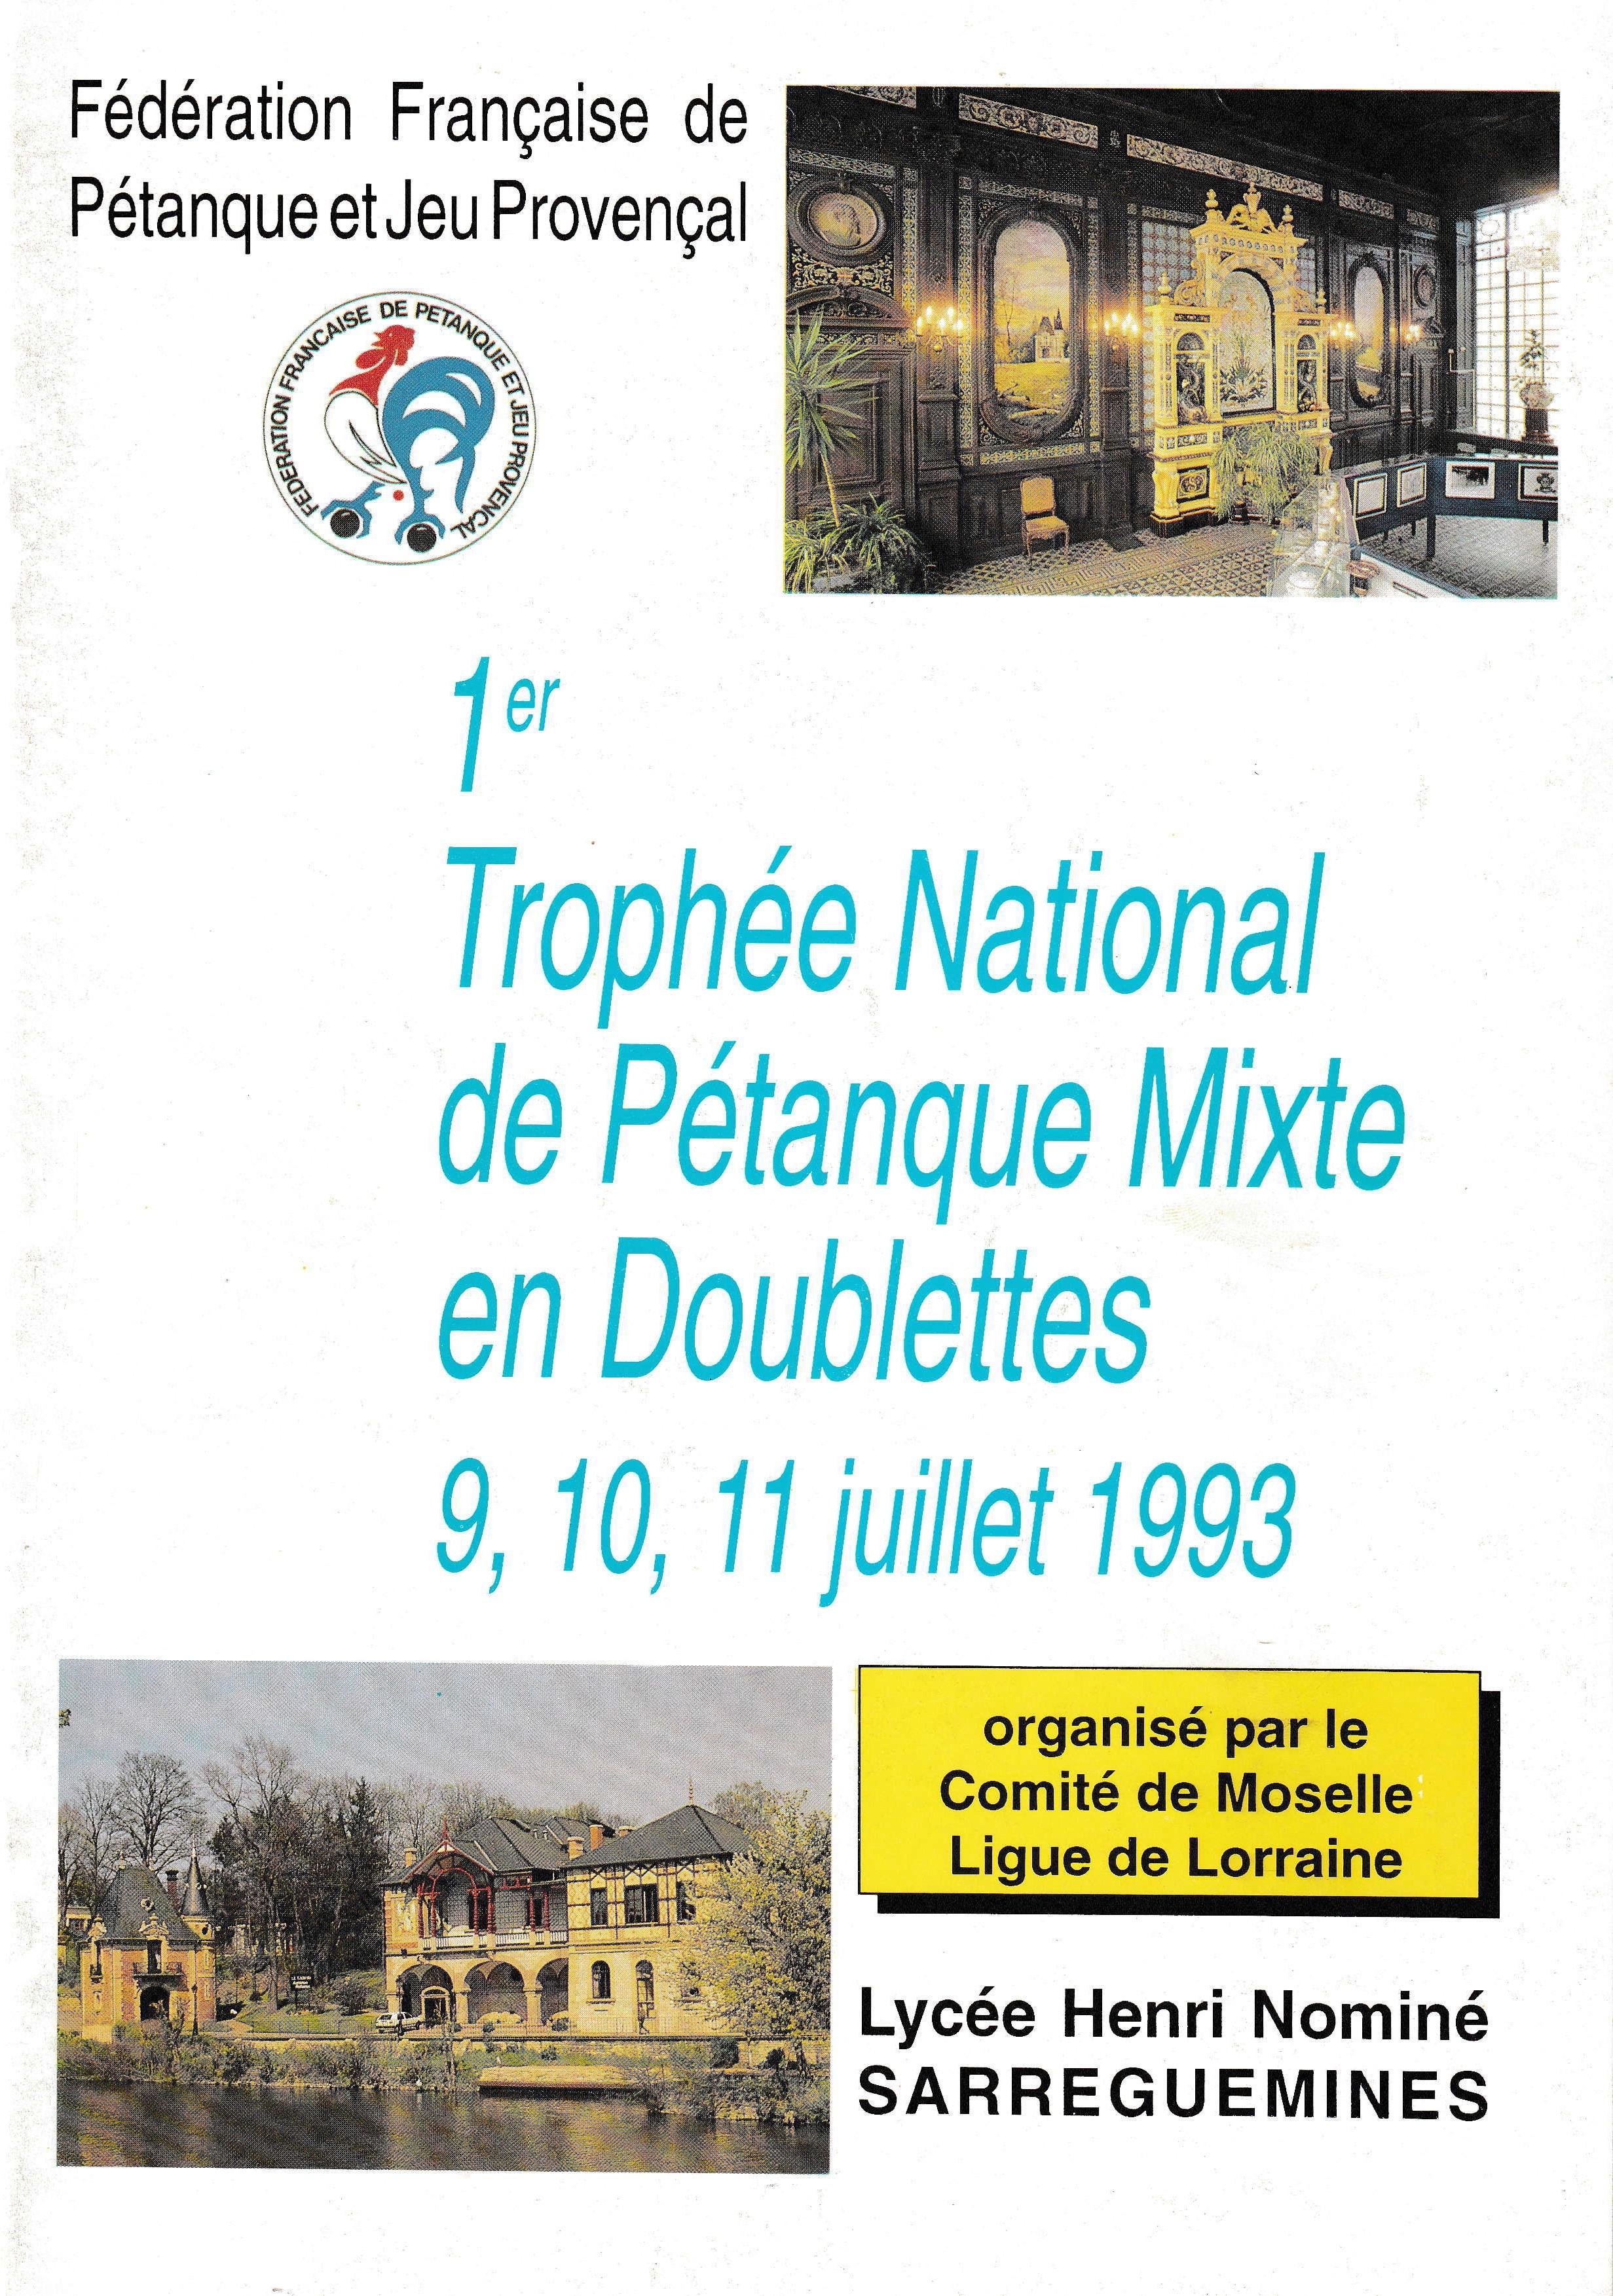 Tous les joueurs et joueuses qualifiés au Championnat de France mixte doublettes de 1993 à 2018